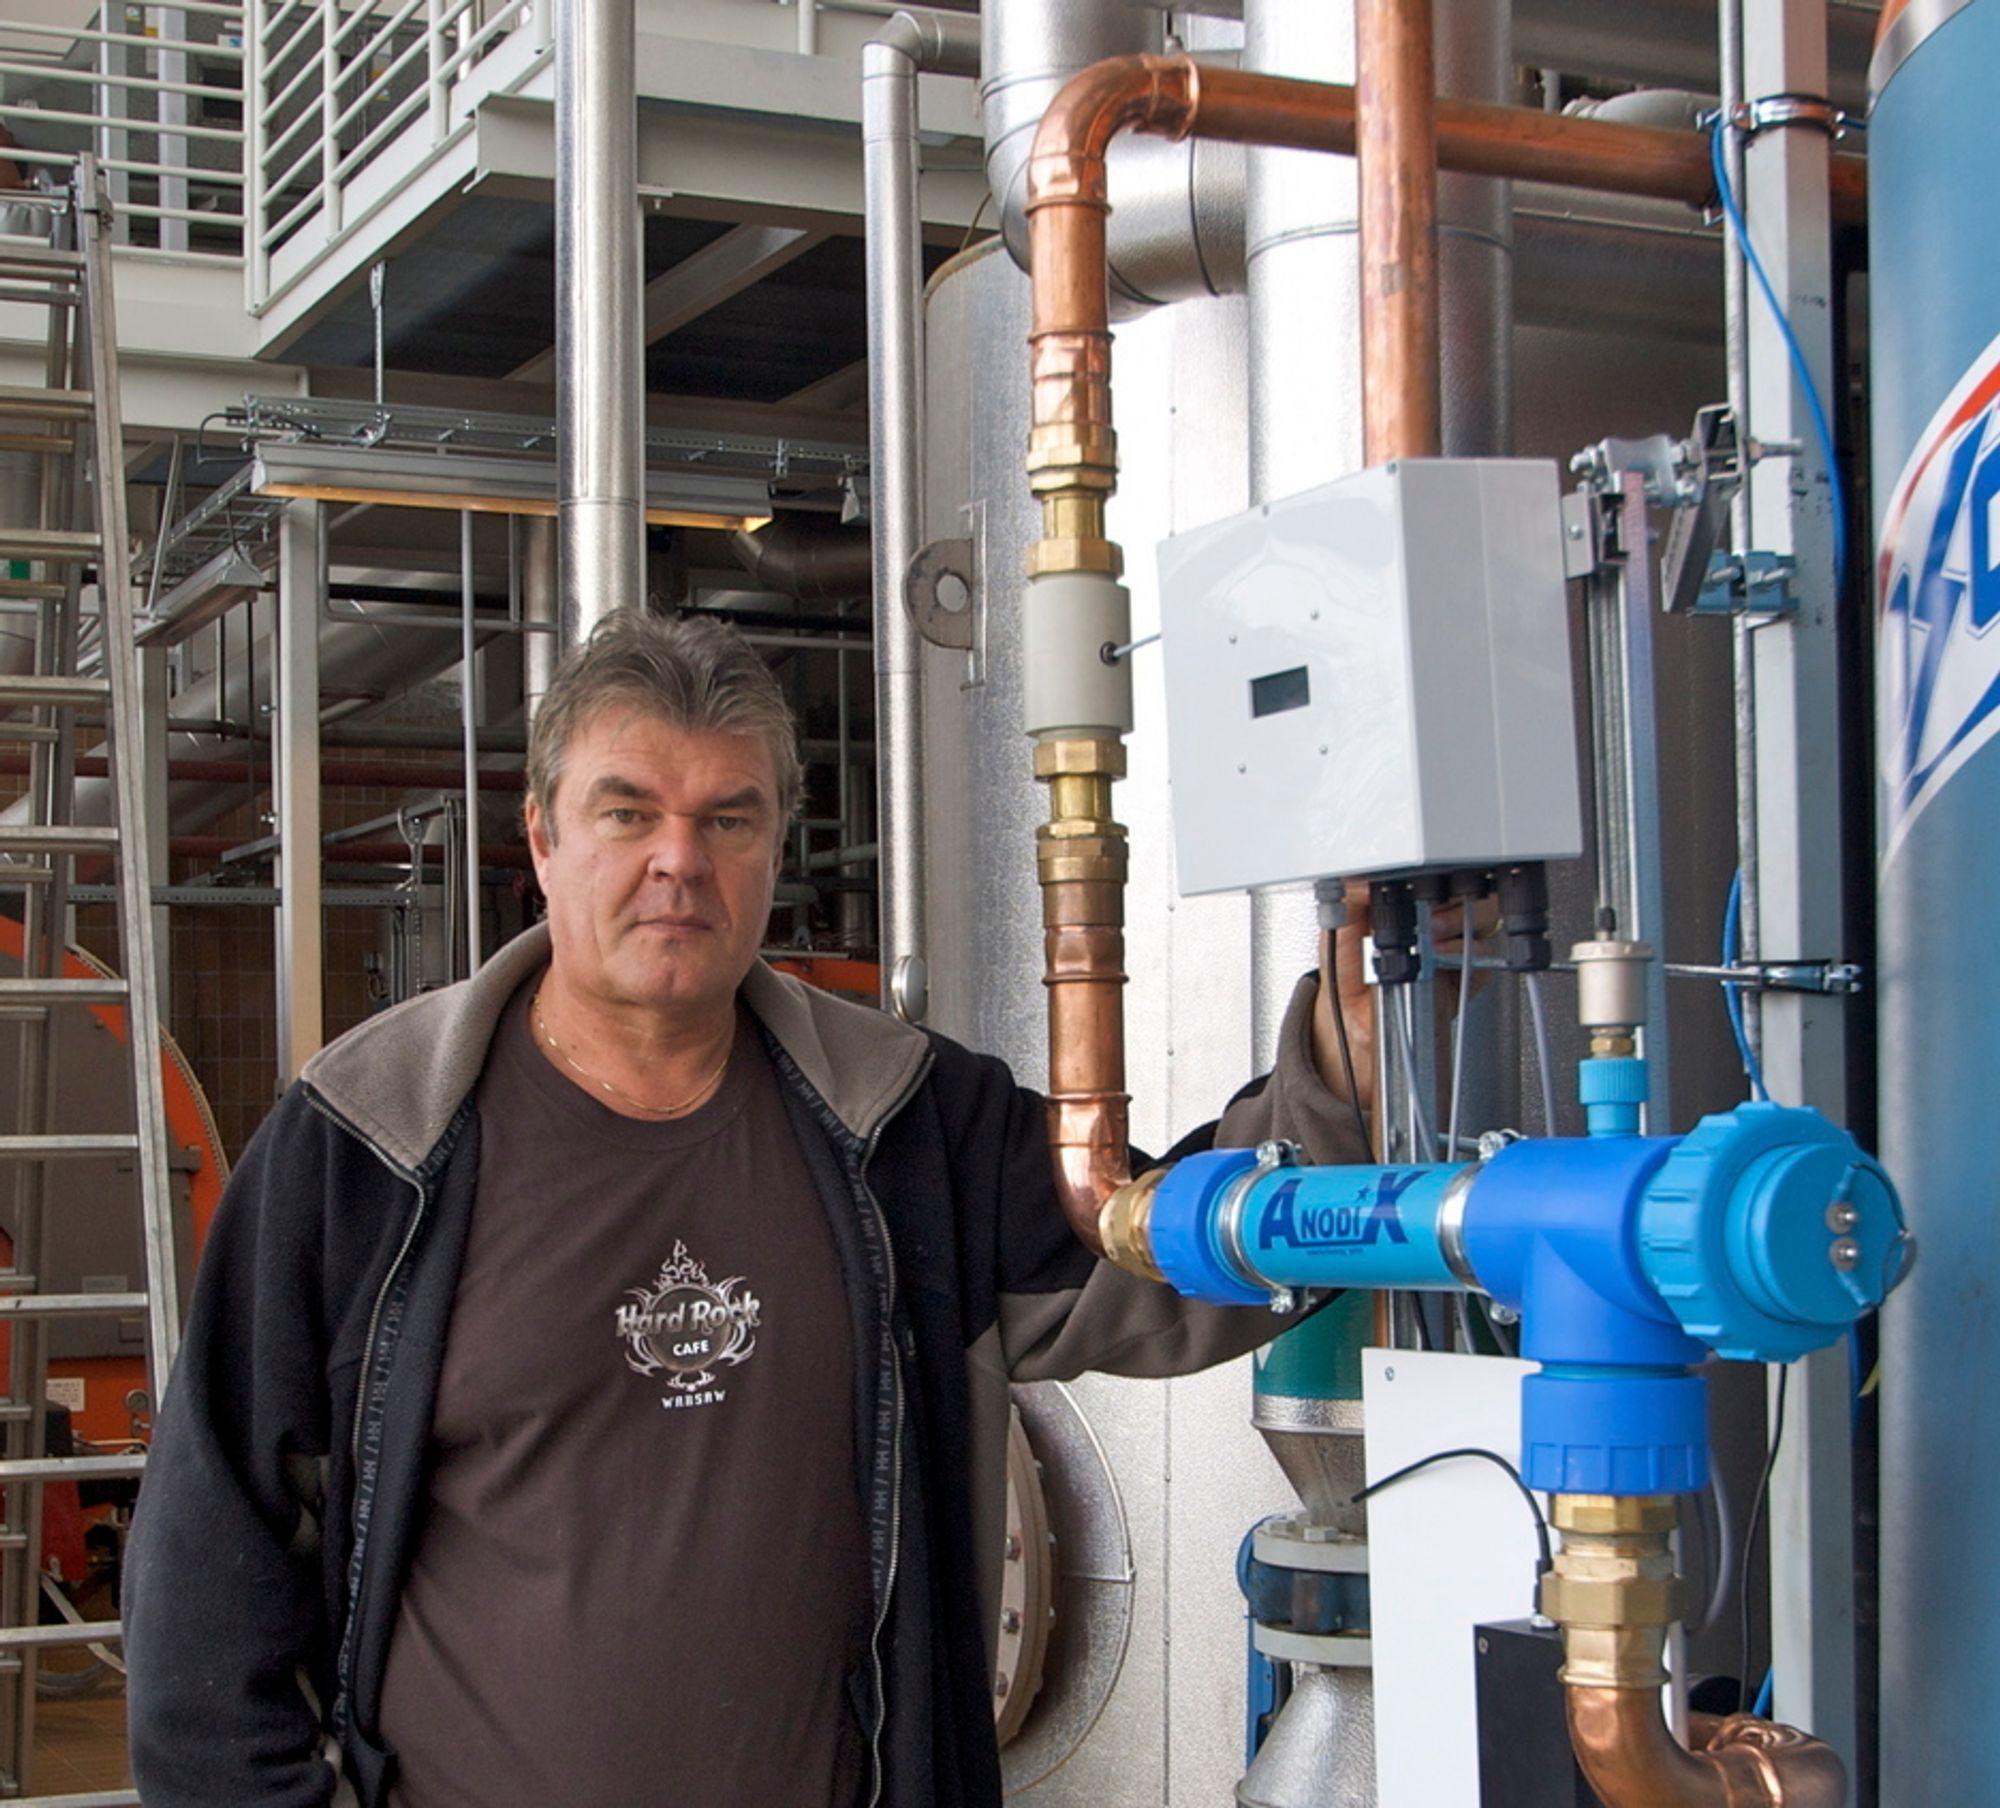 FJERNER LEGIONELLA: Selskapet Termorens bruker en tysk metode til å fjerne legionellabakterier. Daglig leder Thore Andreassen viser et Anodix-anlegg, som består av et oksidasjonskammer og en elektronisk styreenhet.